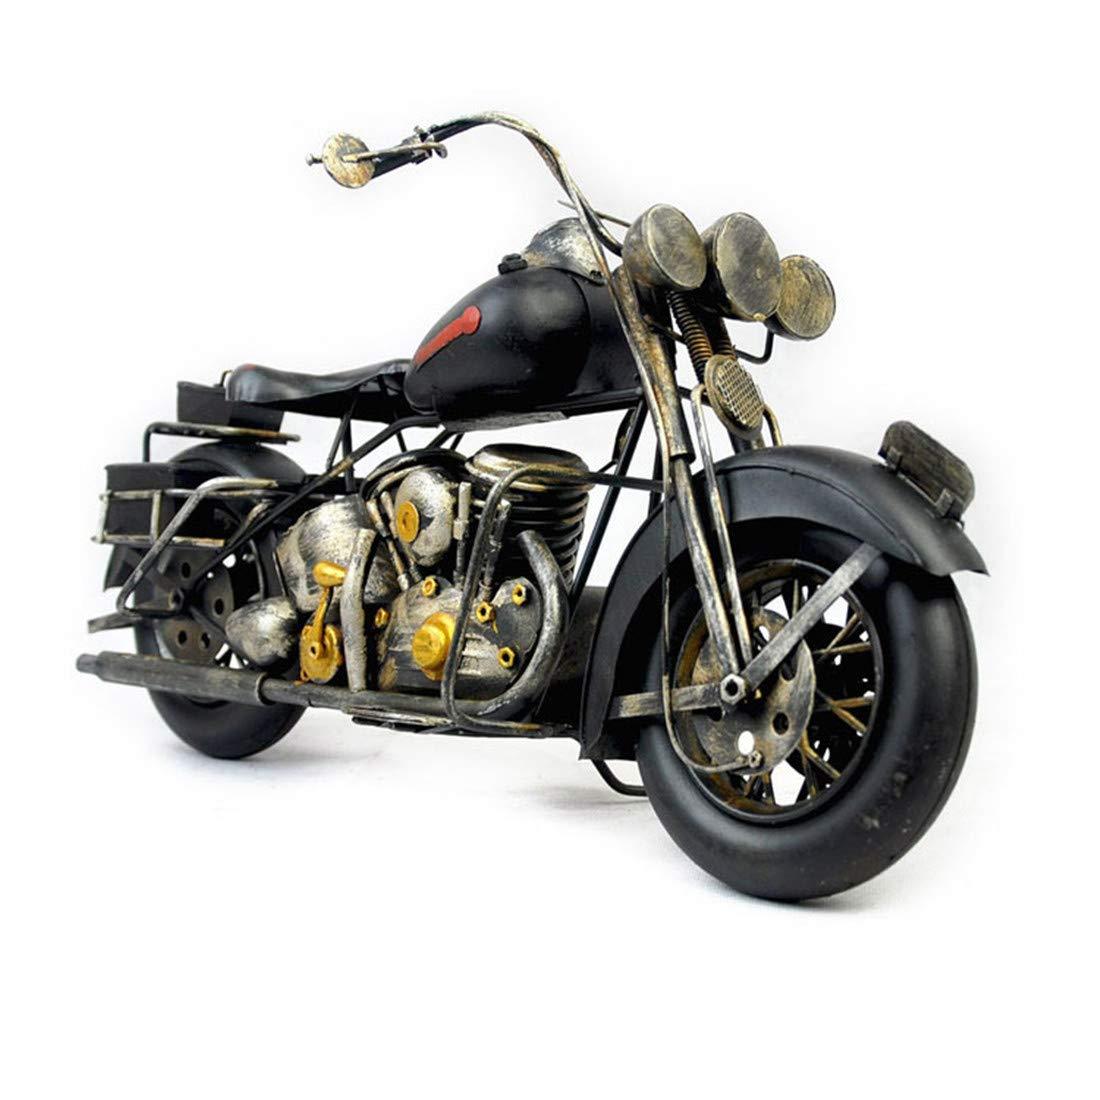 VJUKUB Antiguuml;edad Harley Motocicleta Modelo Hojalata Hecho A Mano Retro Hierro Arte Casa Coche Decoración Decoración Arreglo Fotografía Props 41  16  21Cm